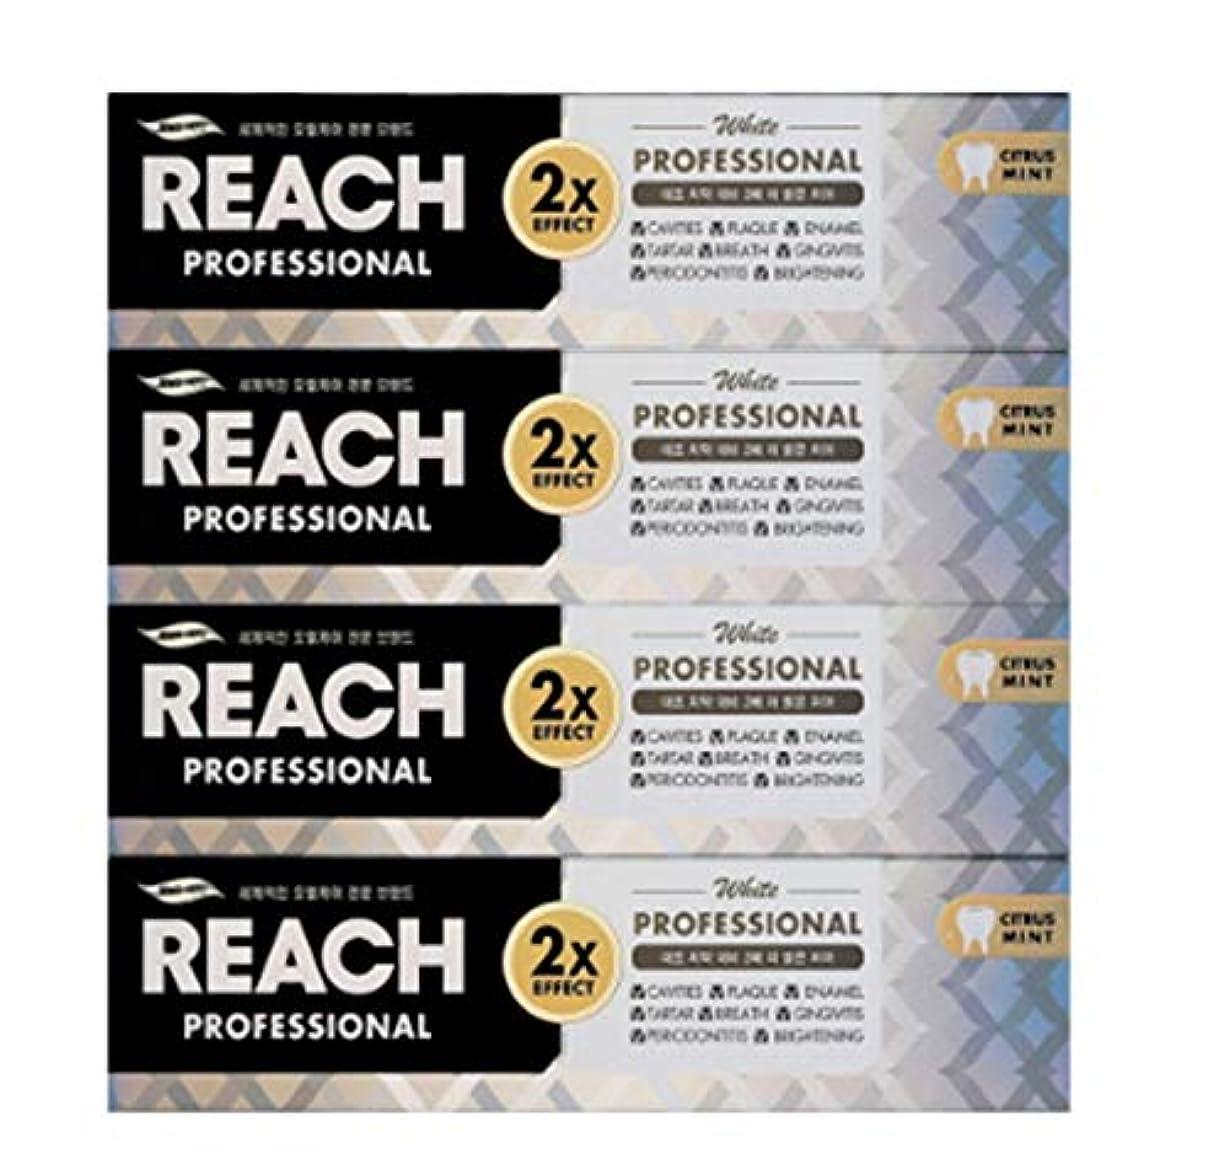 くさびかわす逃れる[LG生活と健康] LG Rich Professional toothpaste whiteningリッチ、プロフェッショナル歯磨き粉ホワイトニング120g*4つの(海外直送品)